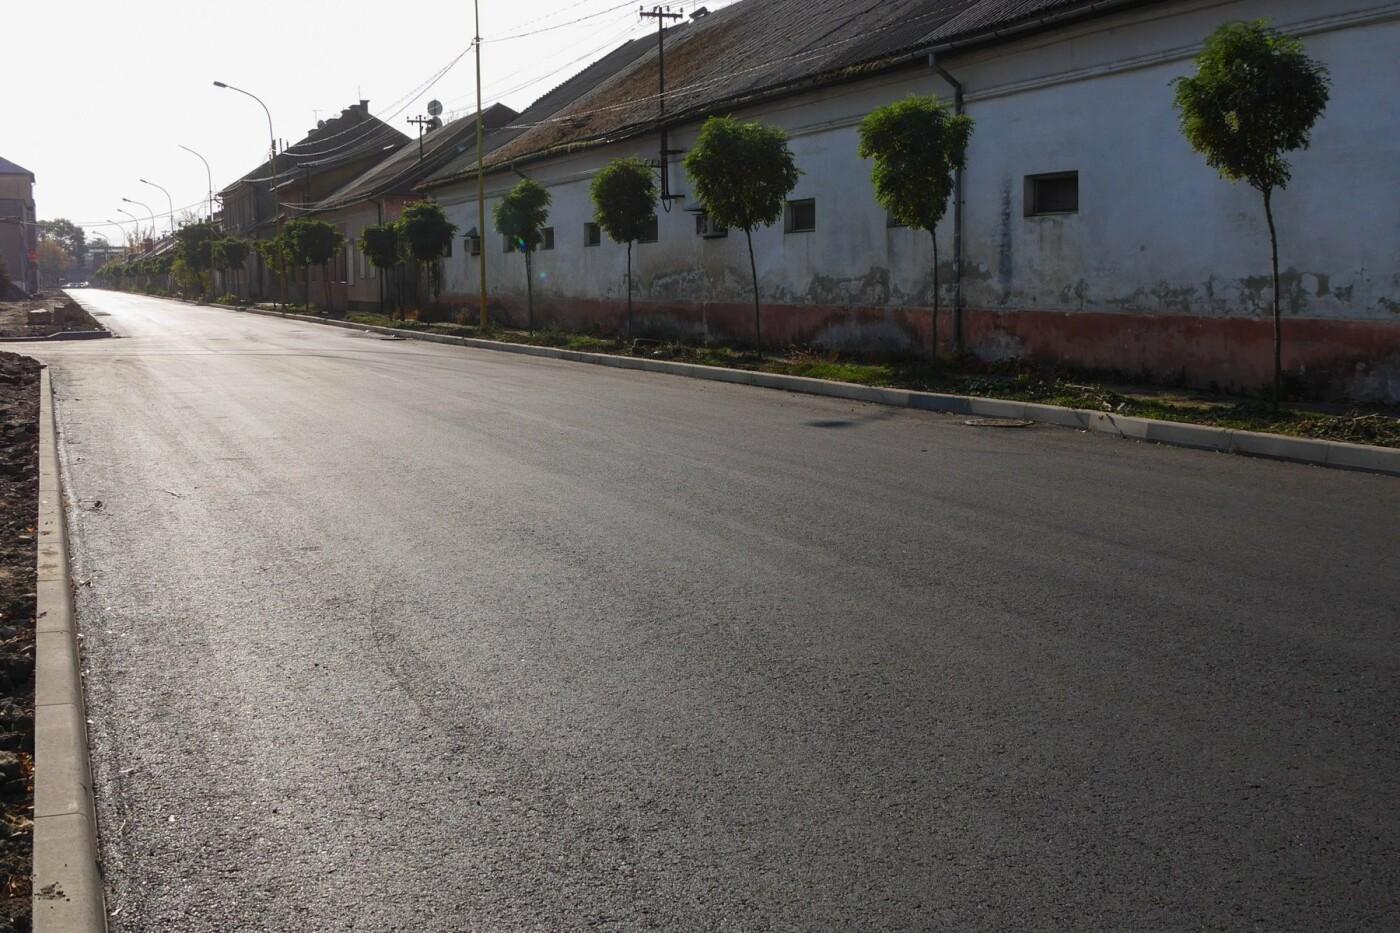 Не минуло й року: в Ужгороді відкрили проїзд вулицею Шумною, фото-2